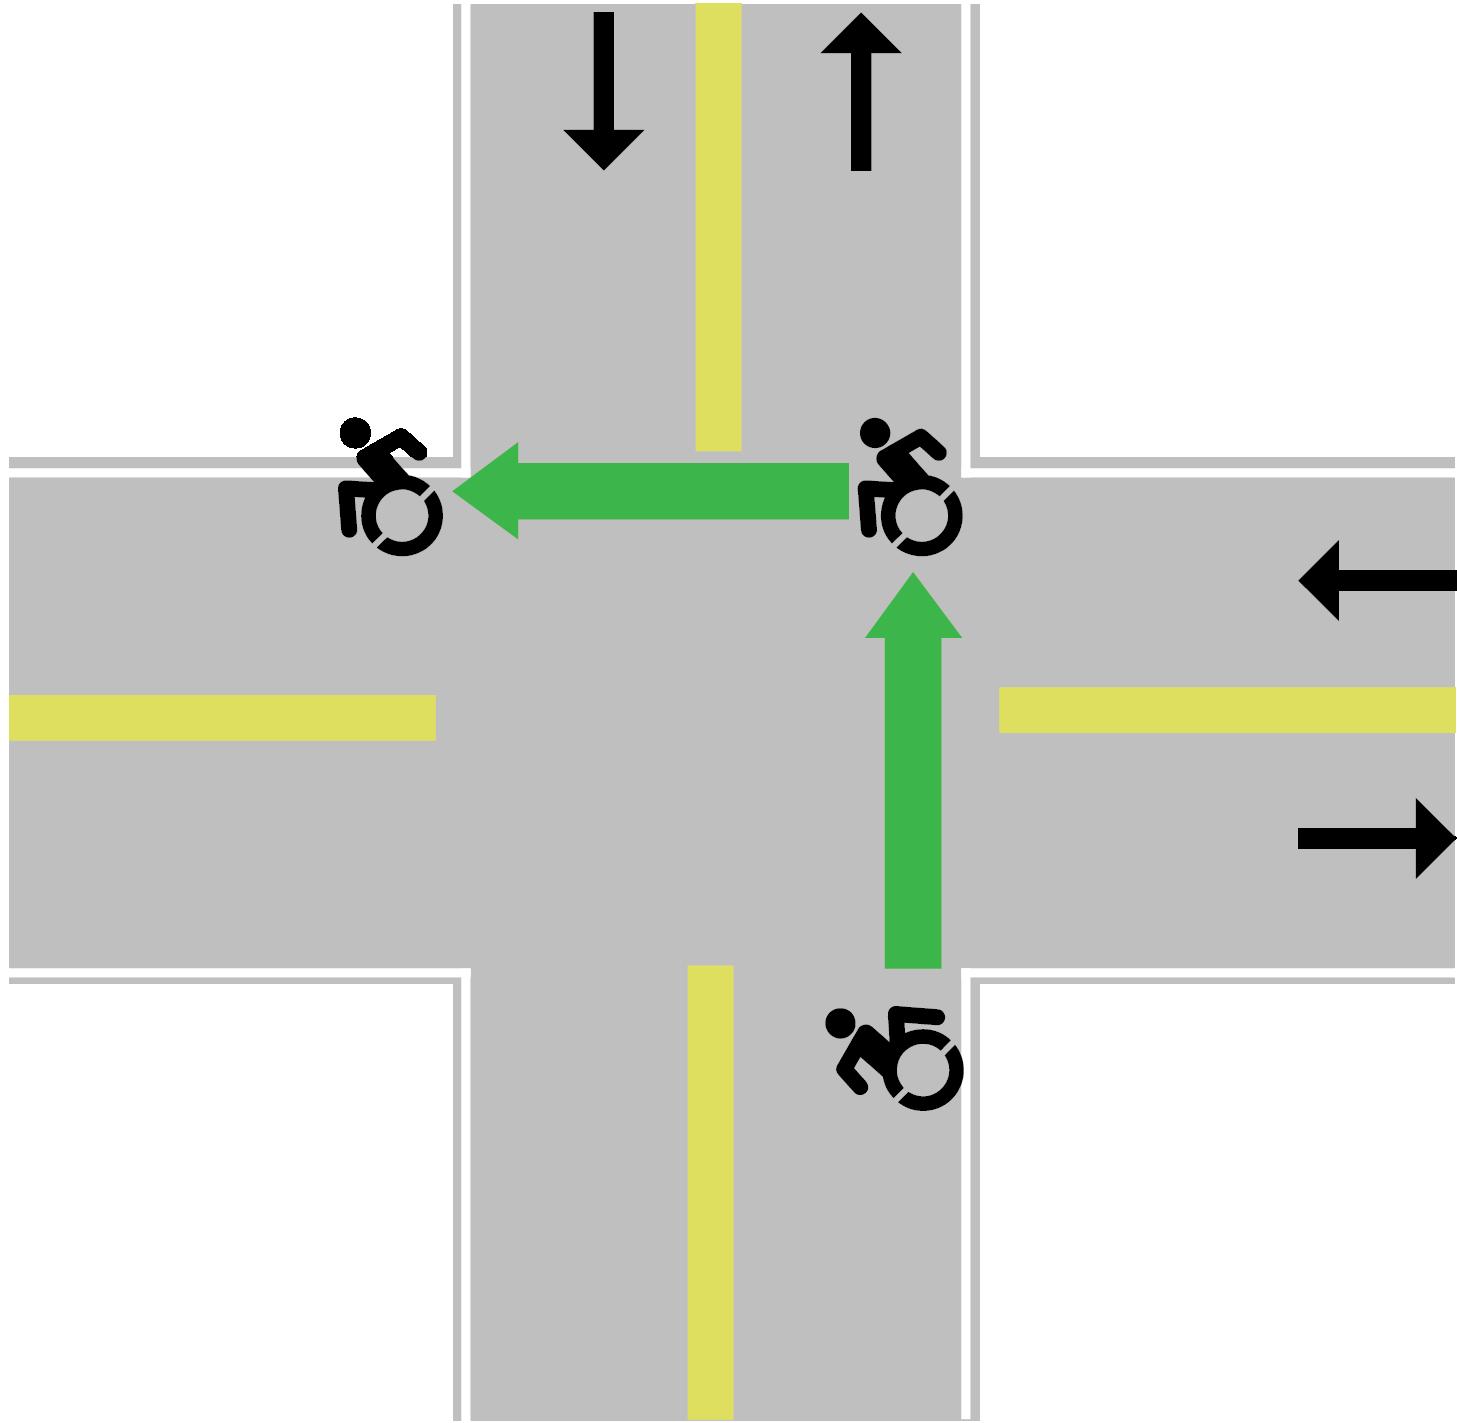 Schéma de virage à gauche pour les AMM, sur présence de feux de circulation et panneaux d'arrêt